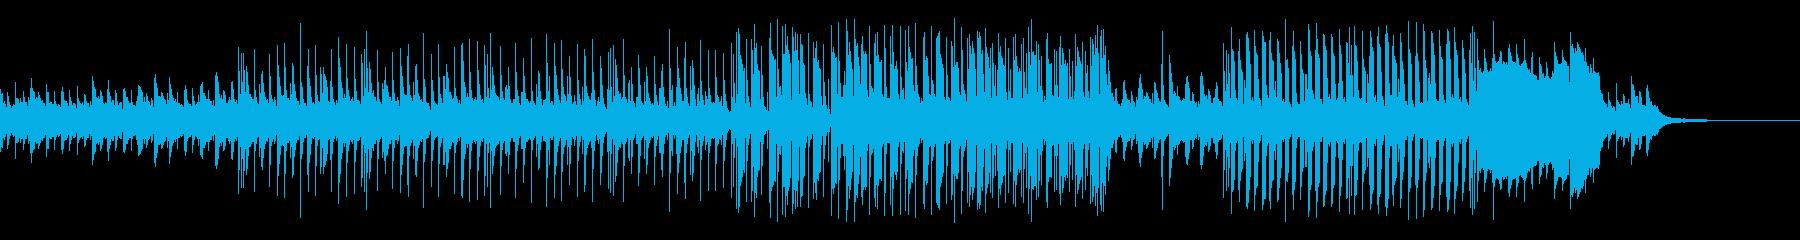 跳ねたリズムの可愛いピアノとマリンバの曲の再生済みの波形